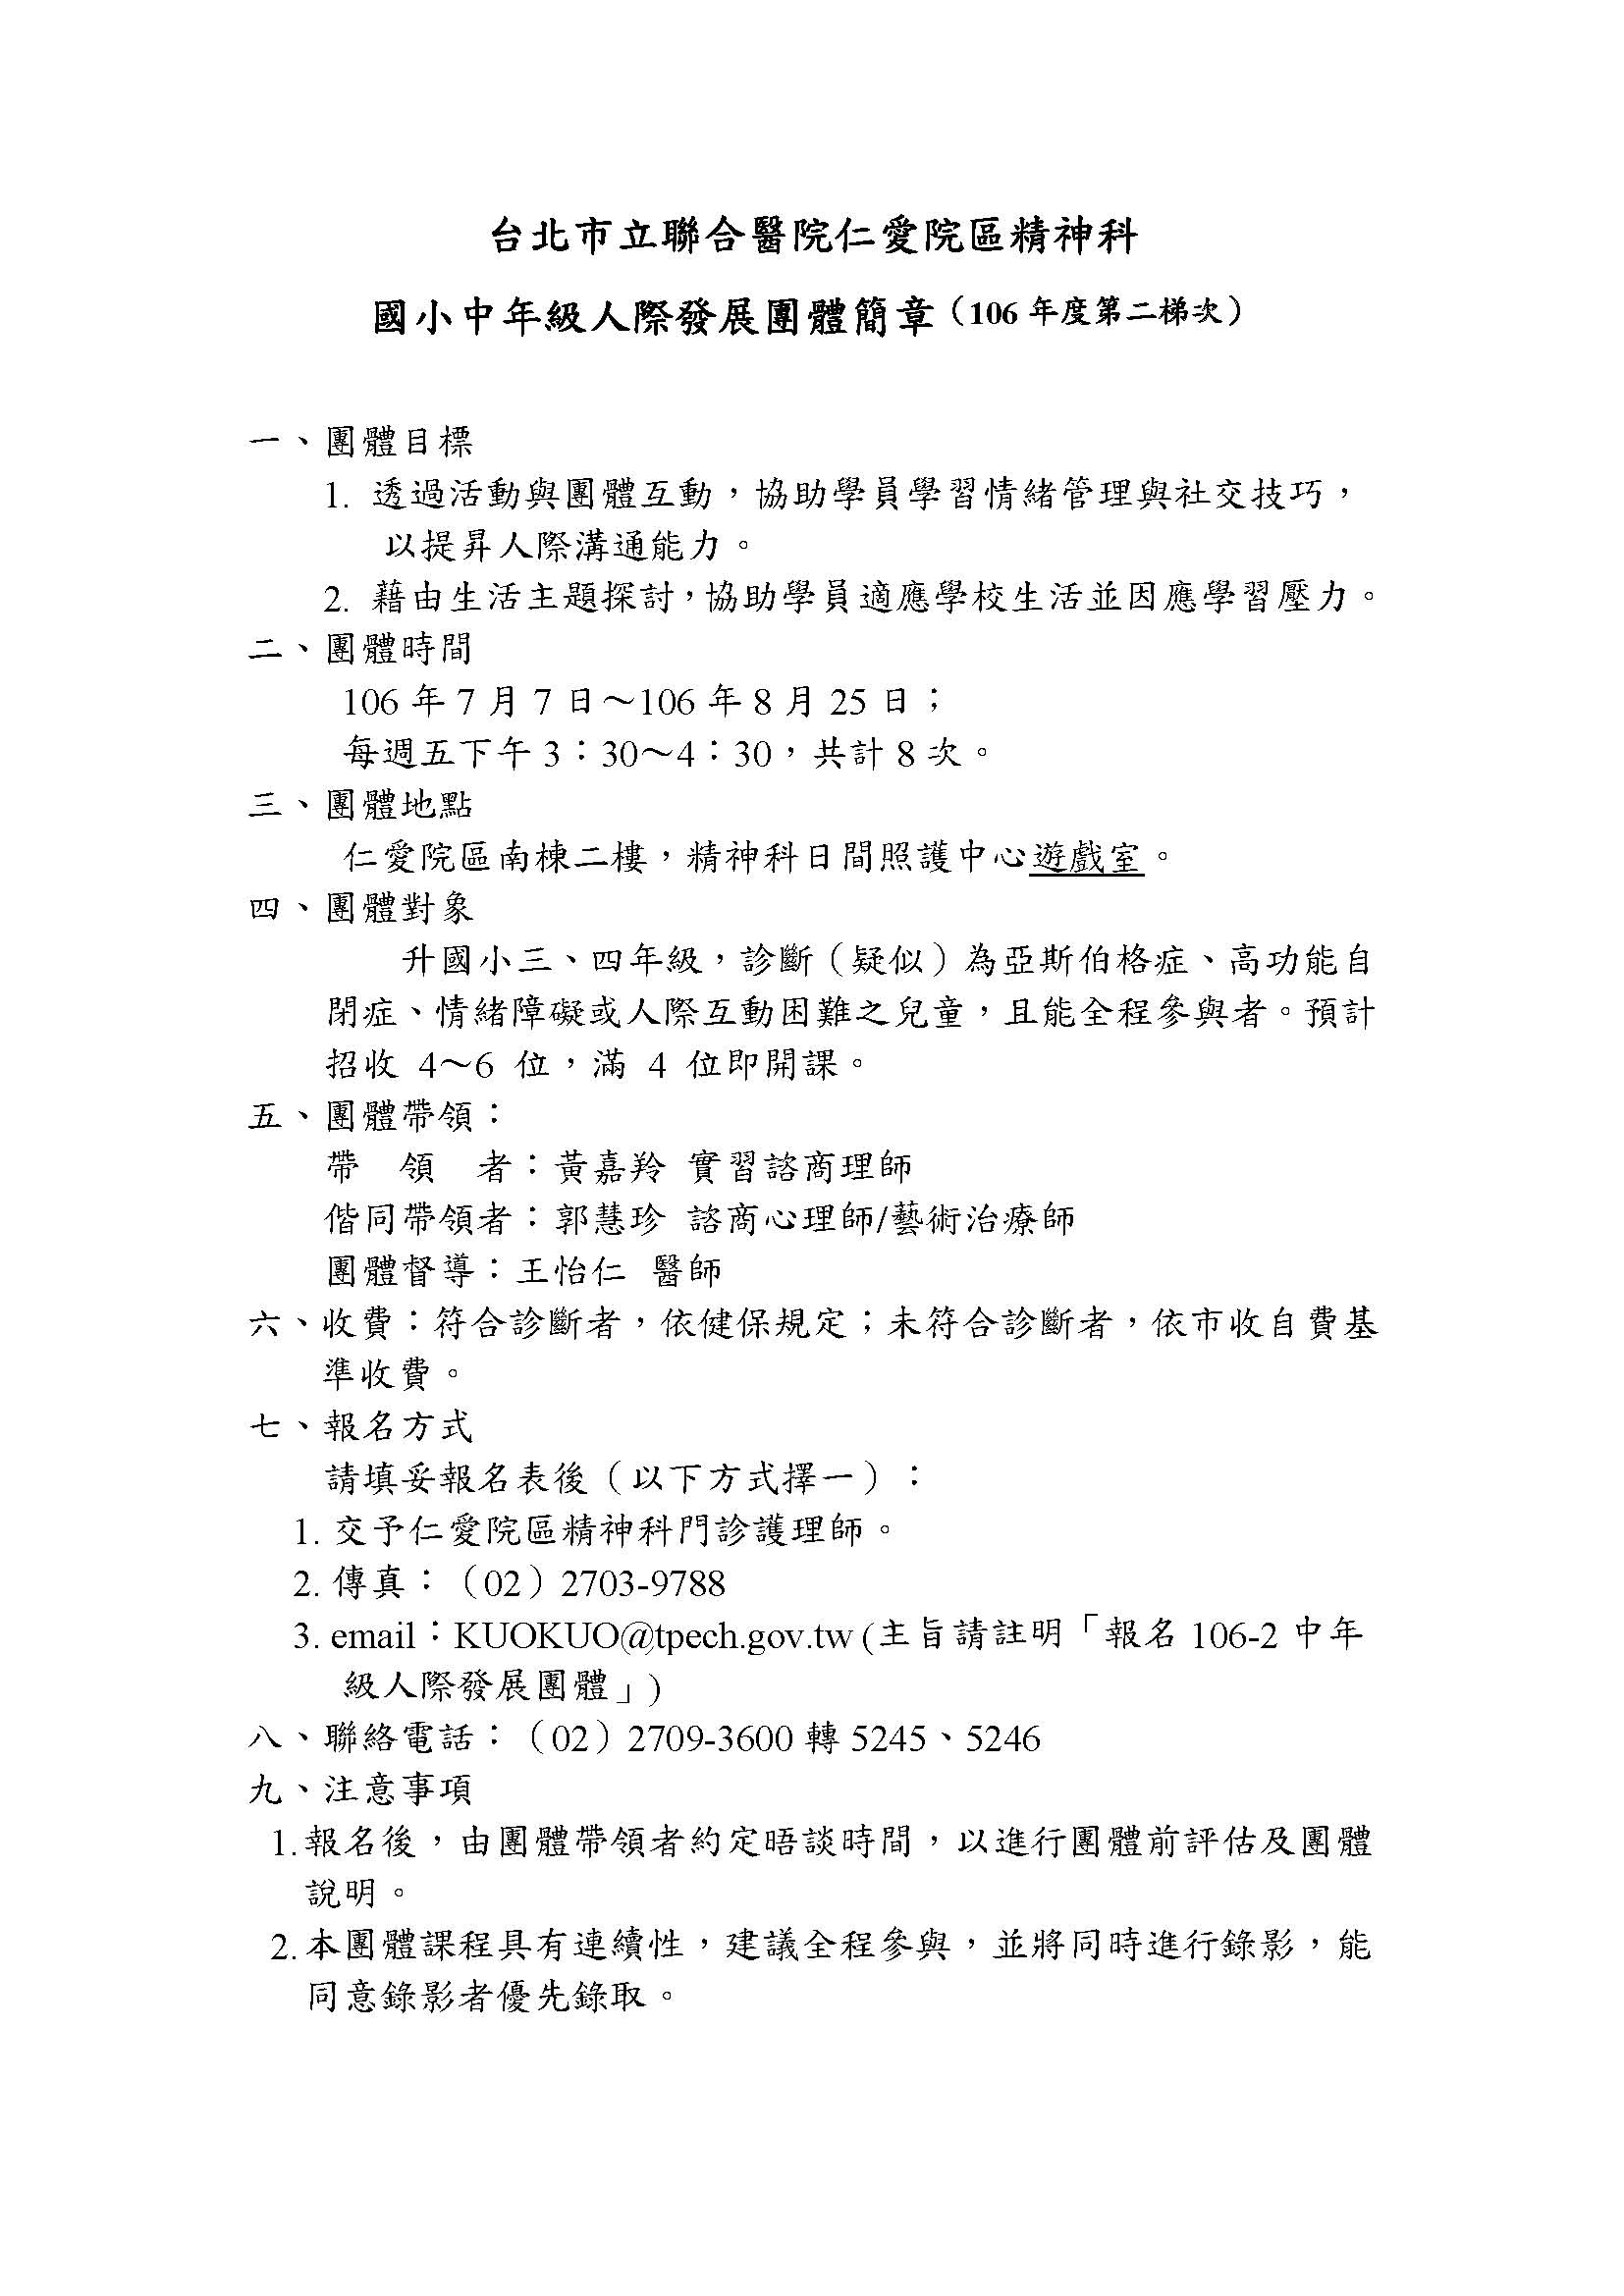 106-2中年級人際發展團體_報名簡章